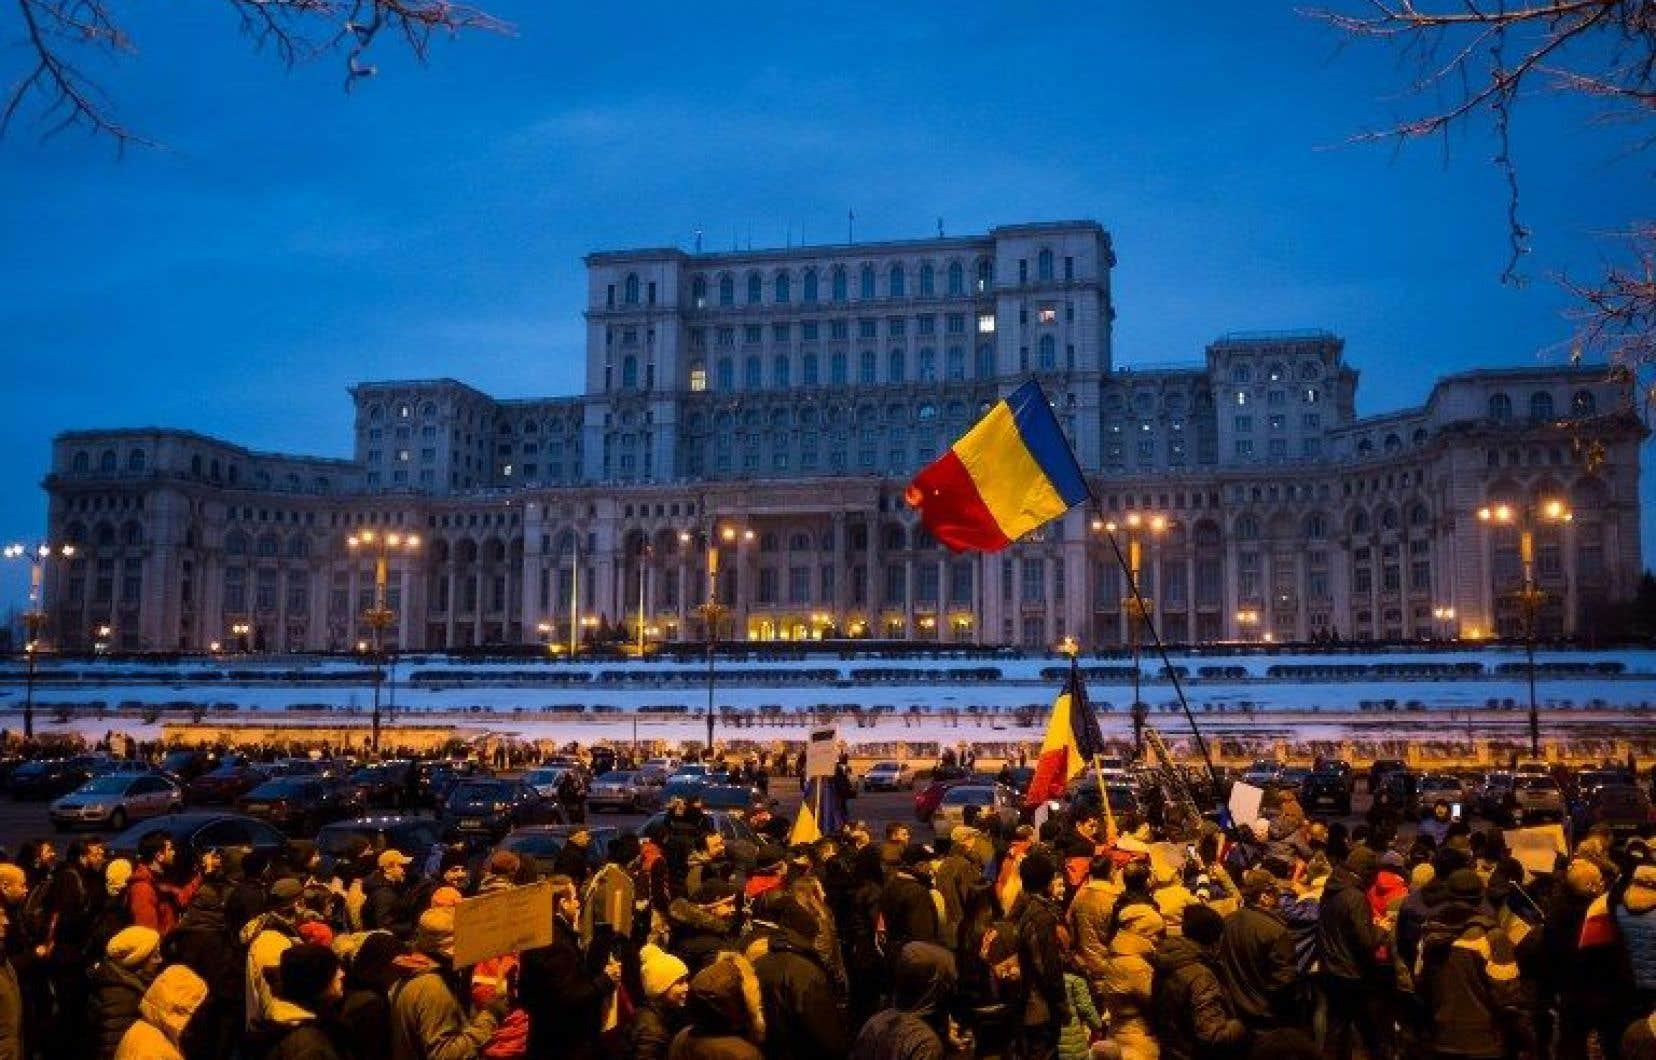 Des centaines de milliers de personnes ont marché dans les rues de la Roumanie toute la fin de semaine pour exiger la démission du gouvernement.